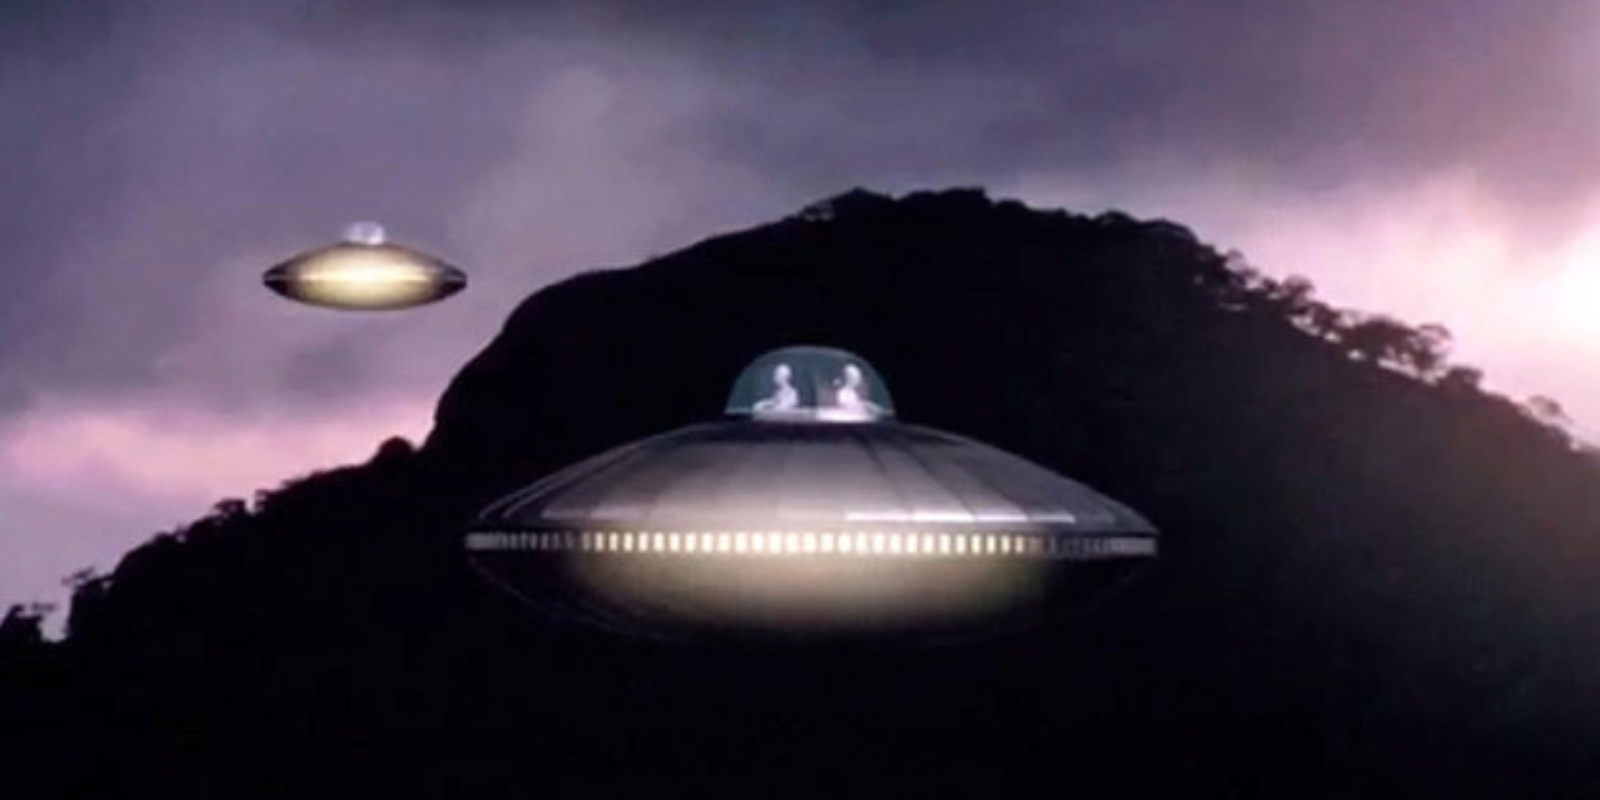 Cuc nong: Tai lieu mat ve UFO cuoi cung cung duoc giai ma?-Hinh-3